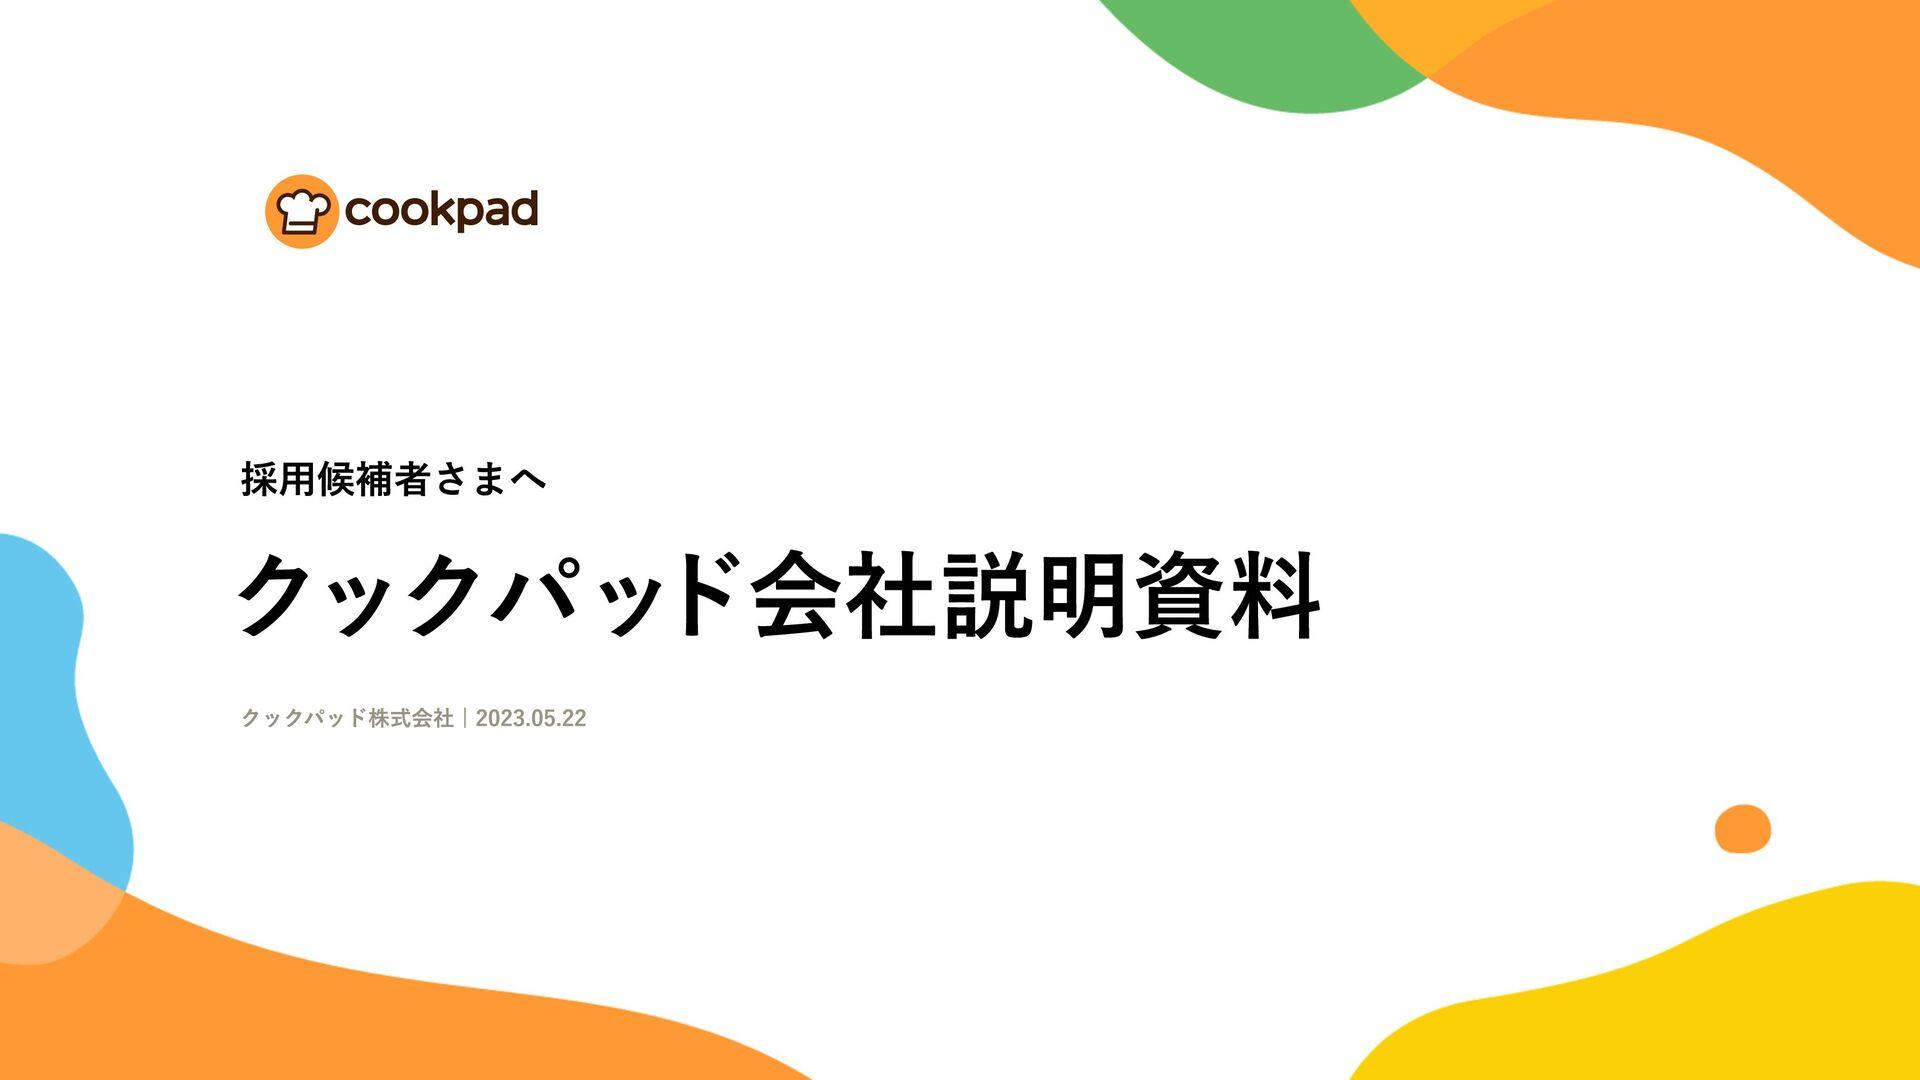 クックパッド会社説明資料 採用候補者さまへ クックパッド株式会社 | 2021.06.07